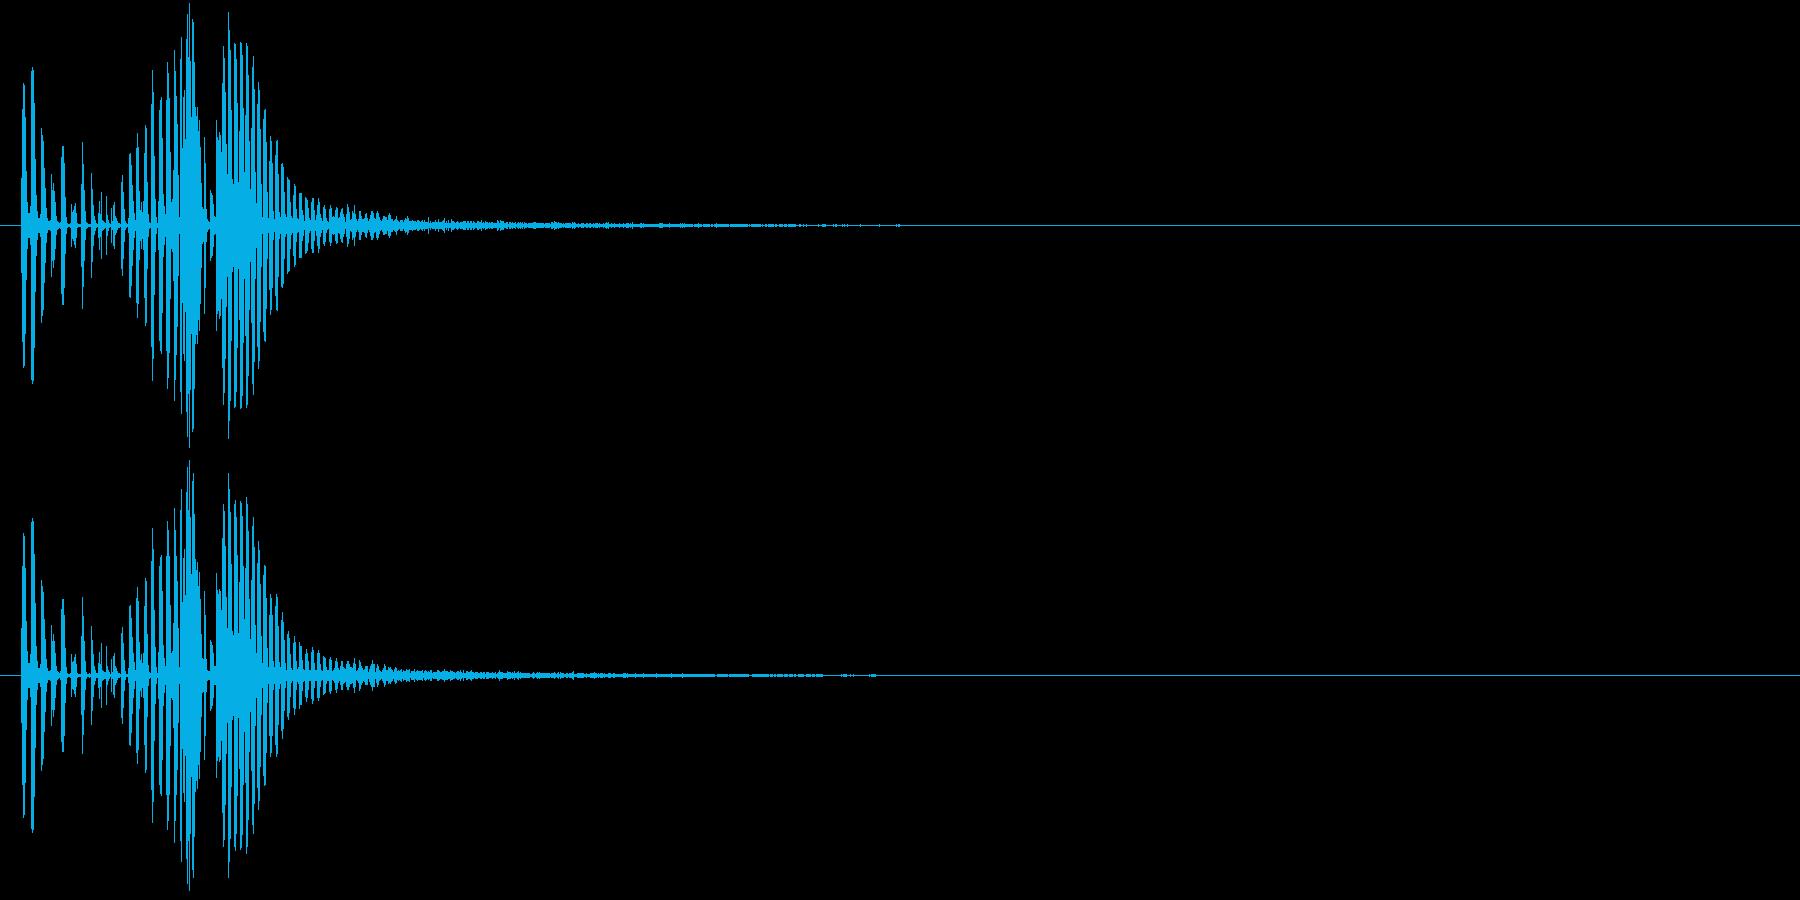 レーザービーム音(ピ、チューン)の再生済みの波形